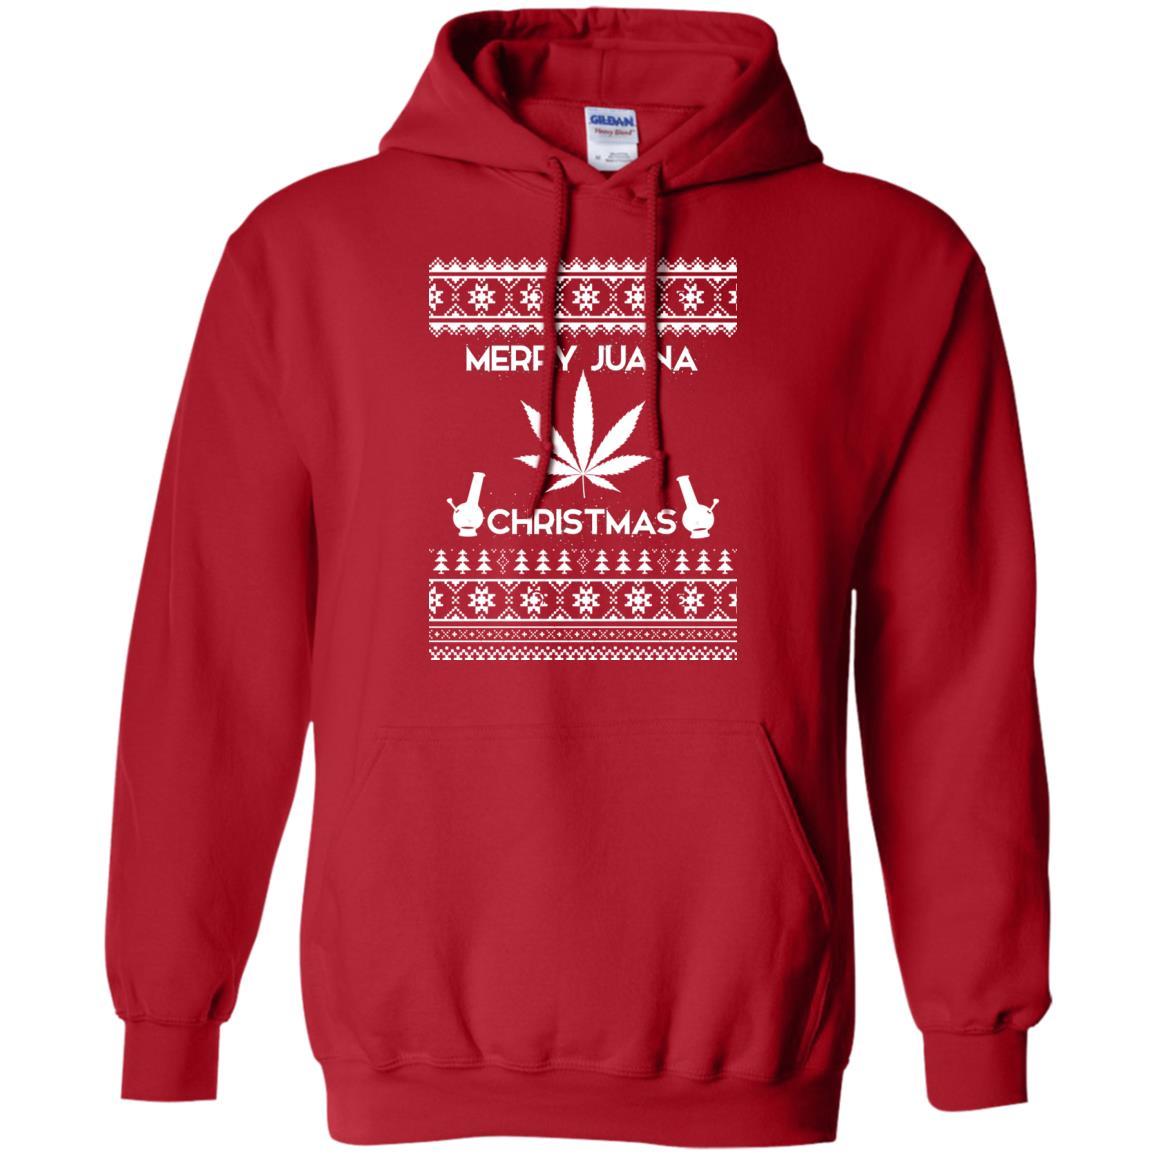 image 3889 - Merry Juana Weed Christmas Sweater, Ugly Sweatshirt